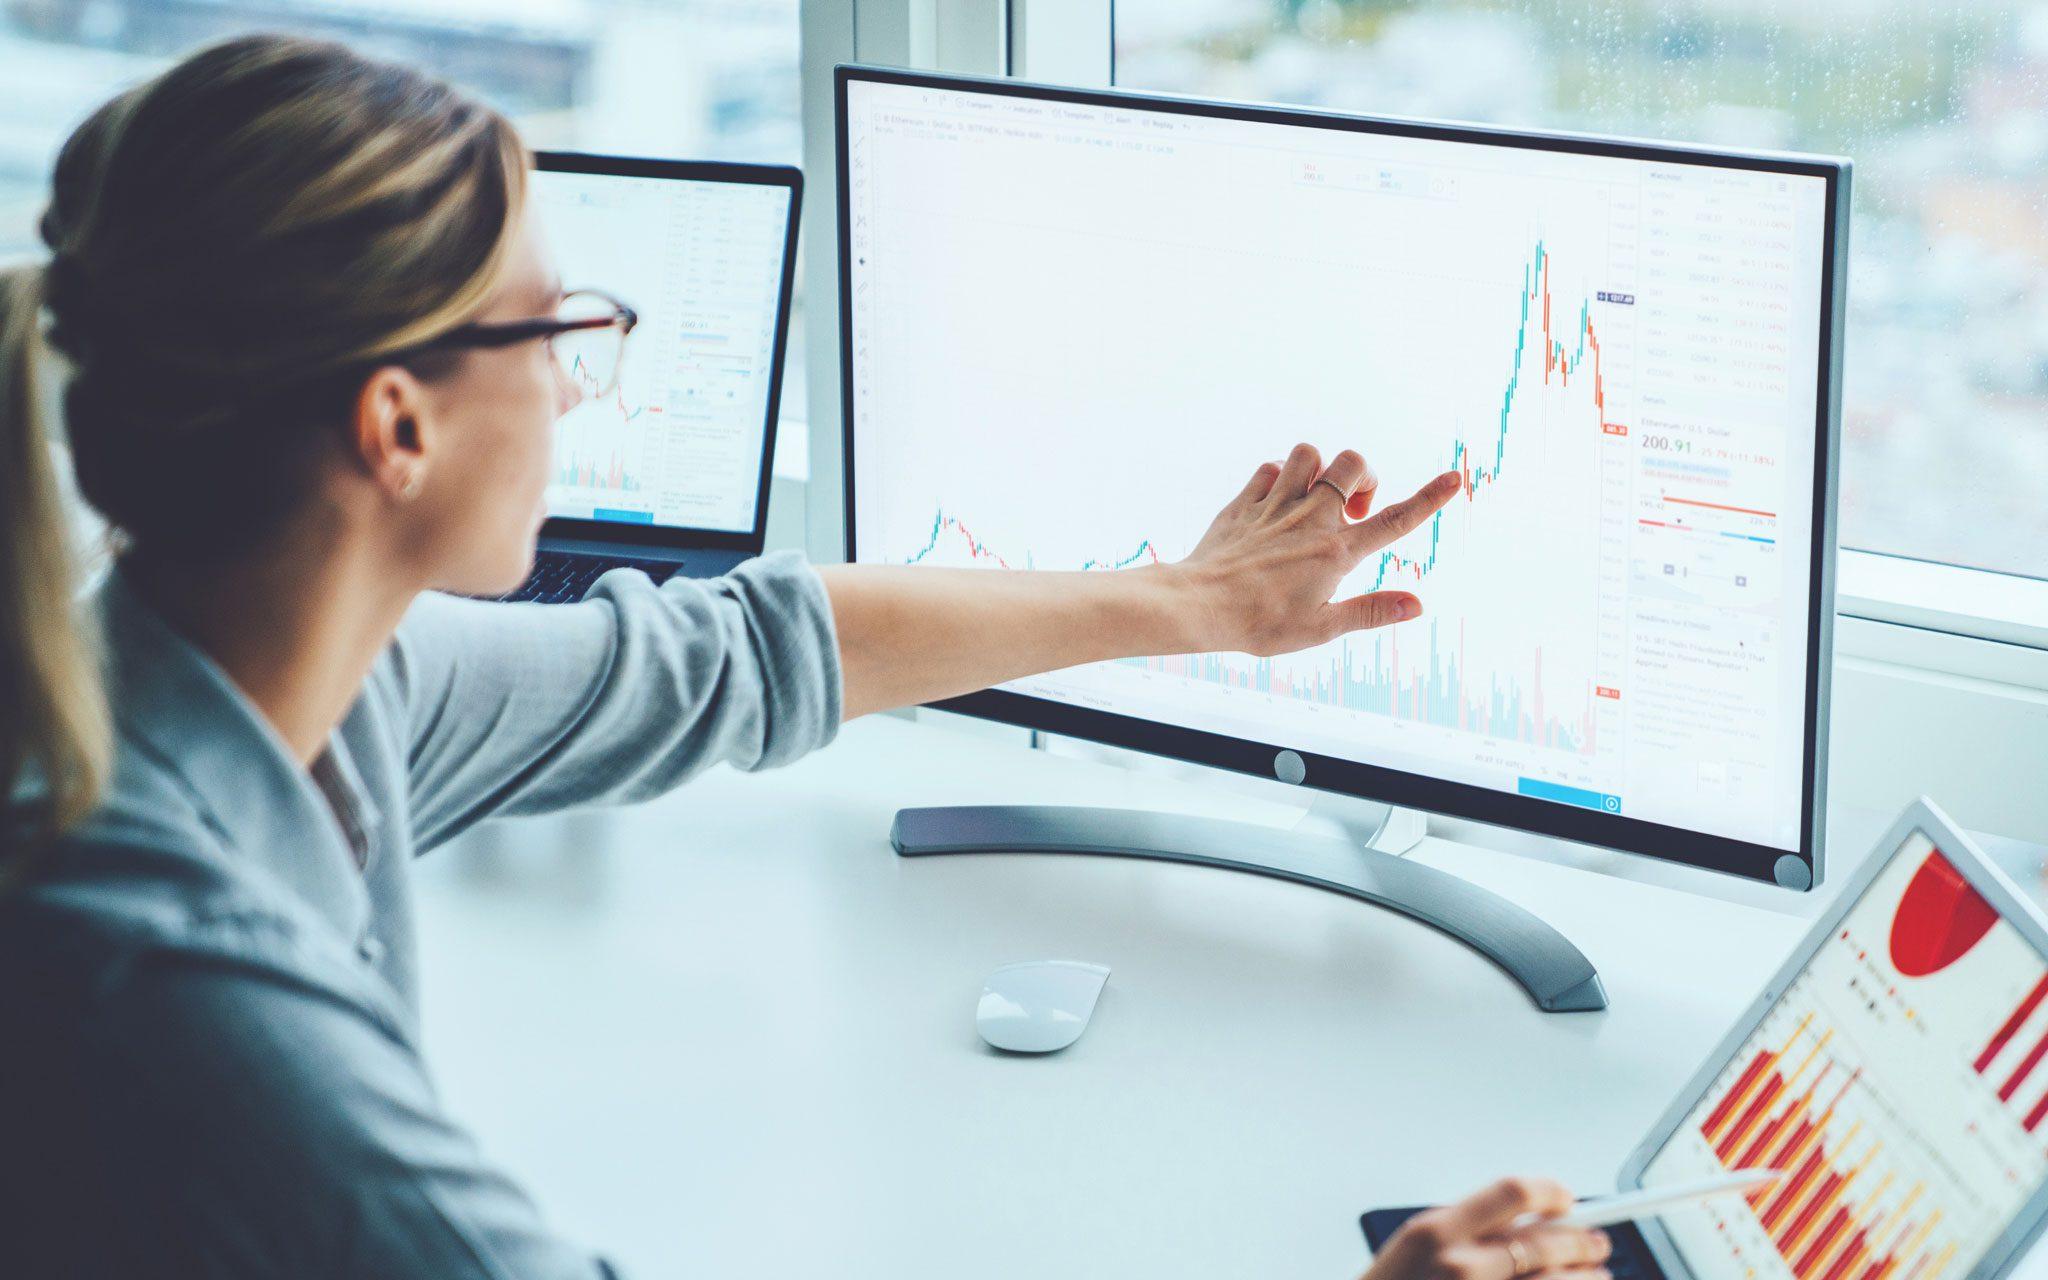 Finanz-Angestellte am Bildschirm mit Börsendaten